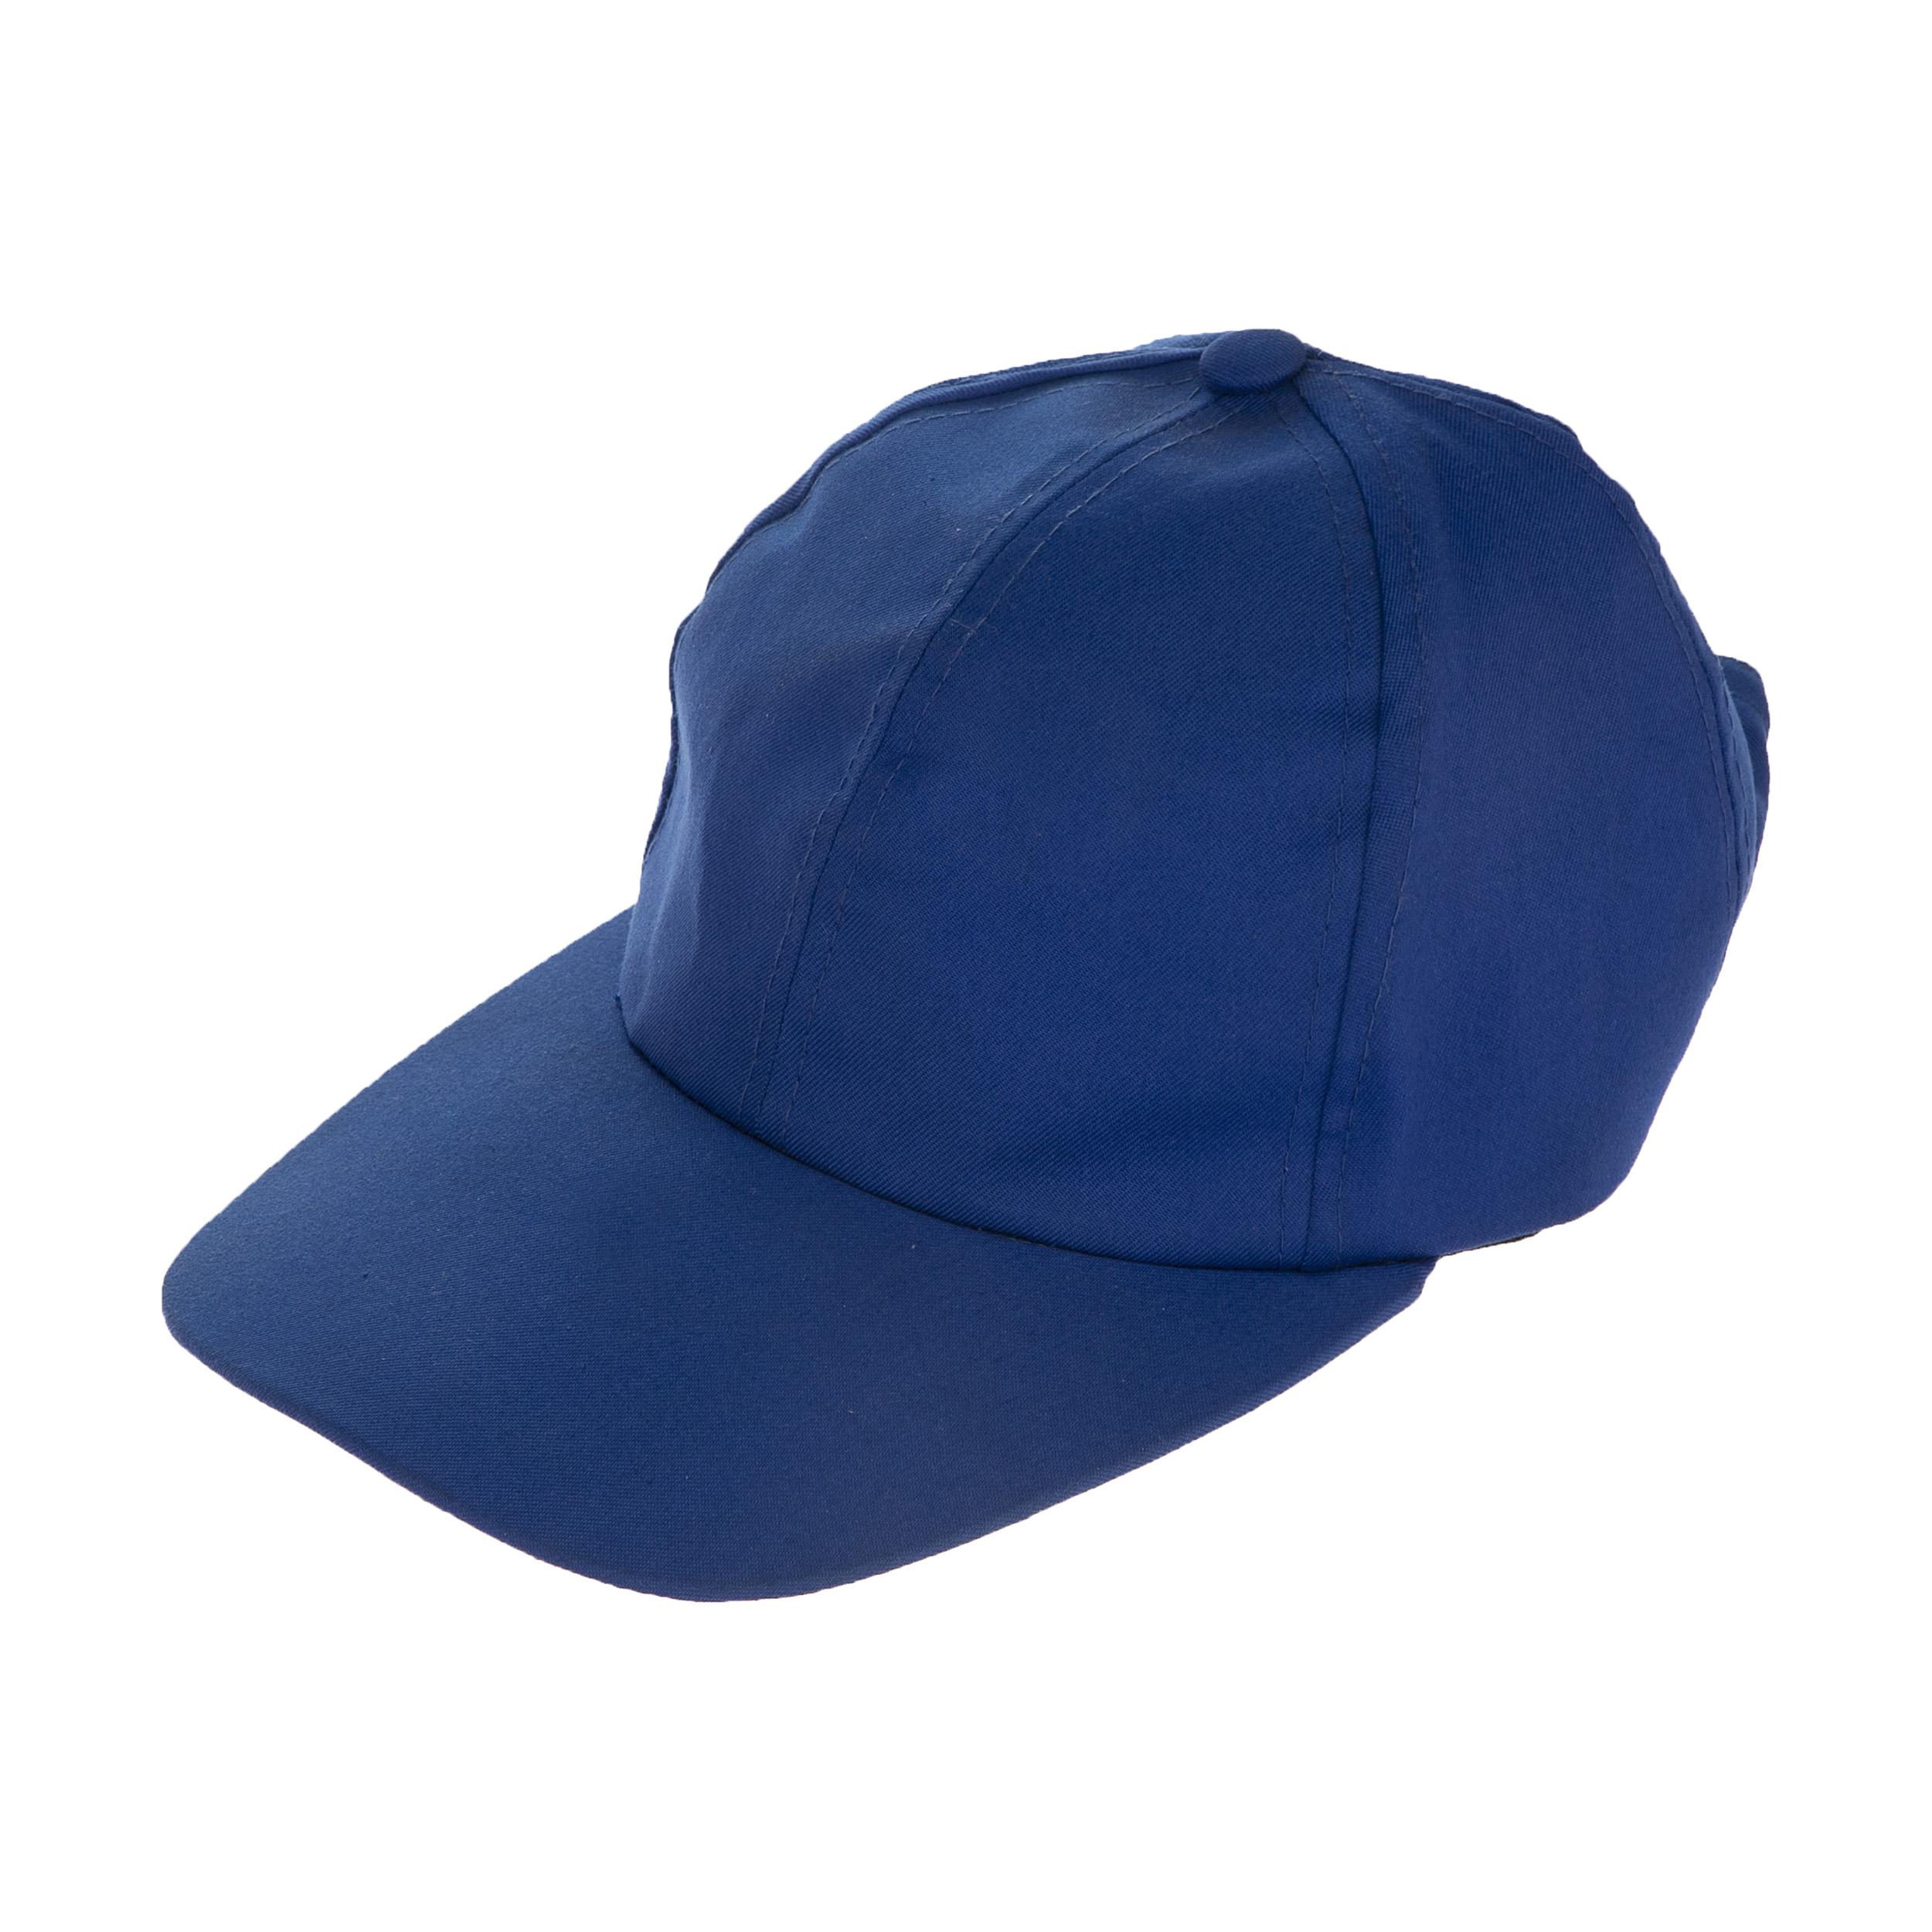 کلاه کپ مردانه سبلان کد FT1 آبی